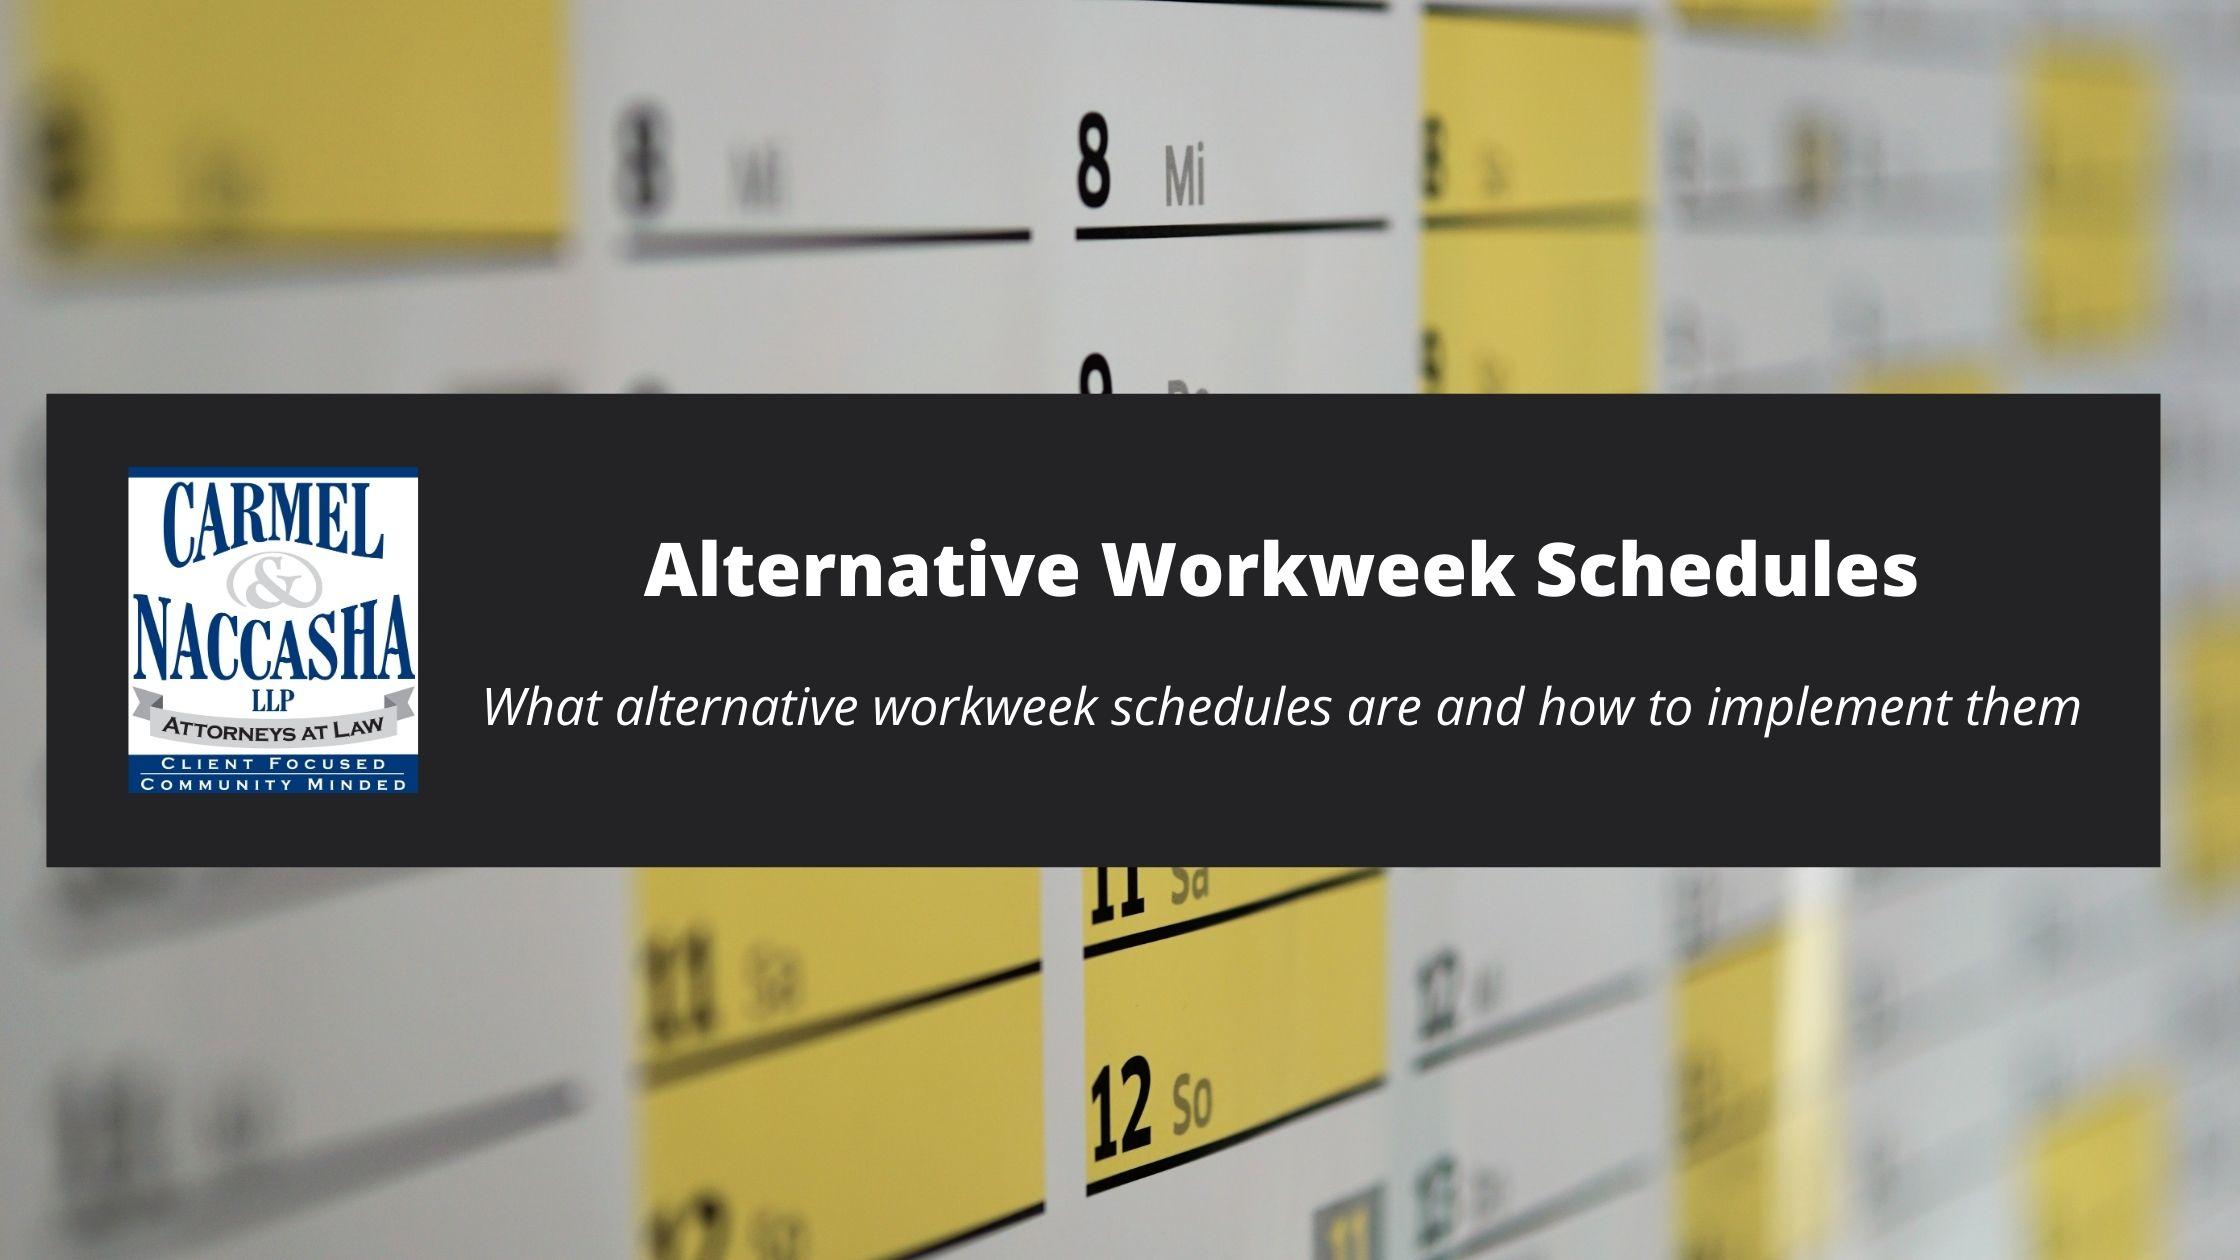 Alternative Workweek Schedules